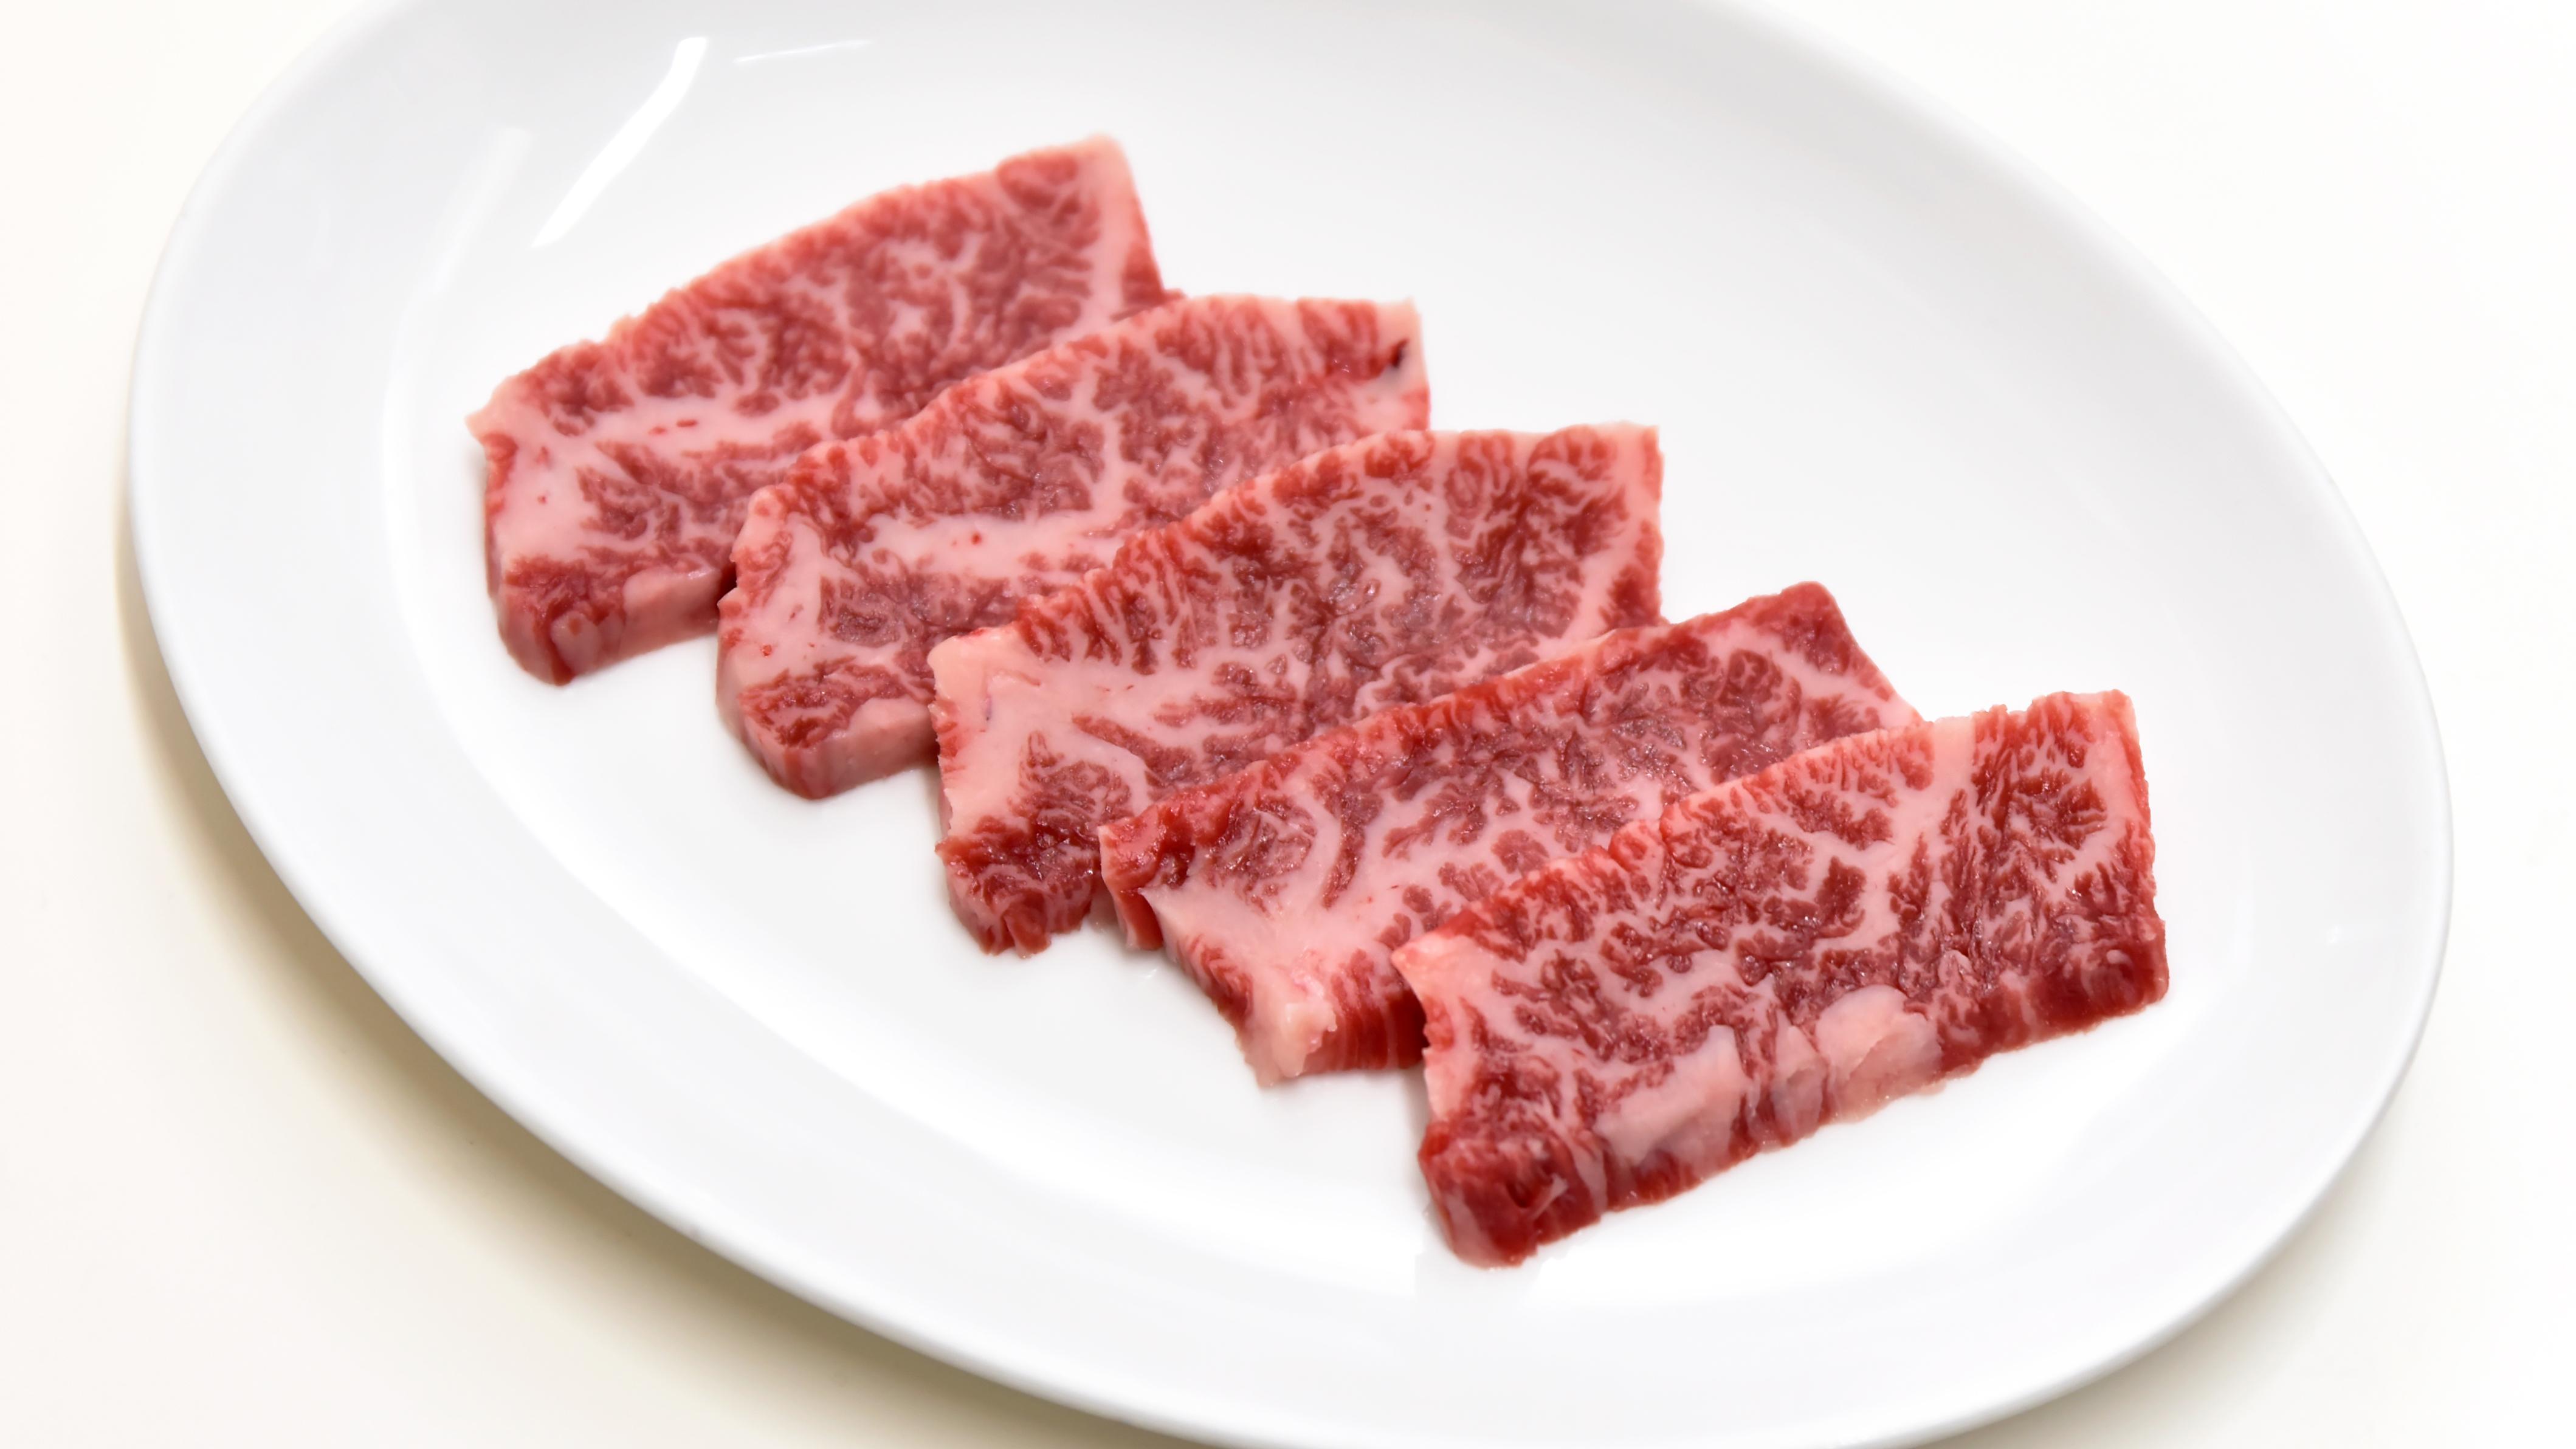 ウチハラミ 程よいサシ 希少部位 高山市 焼肉